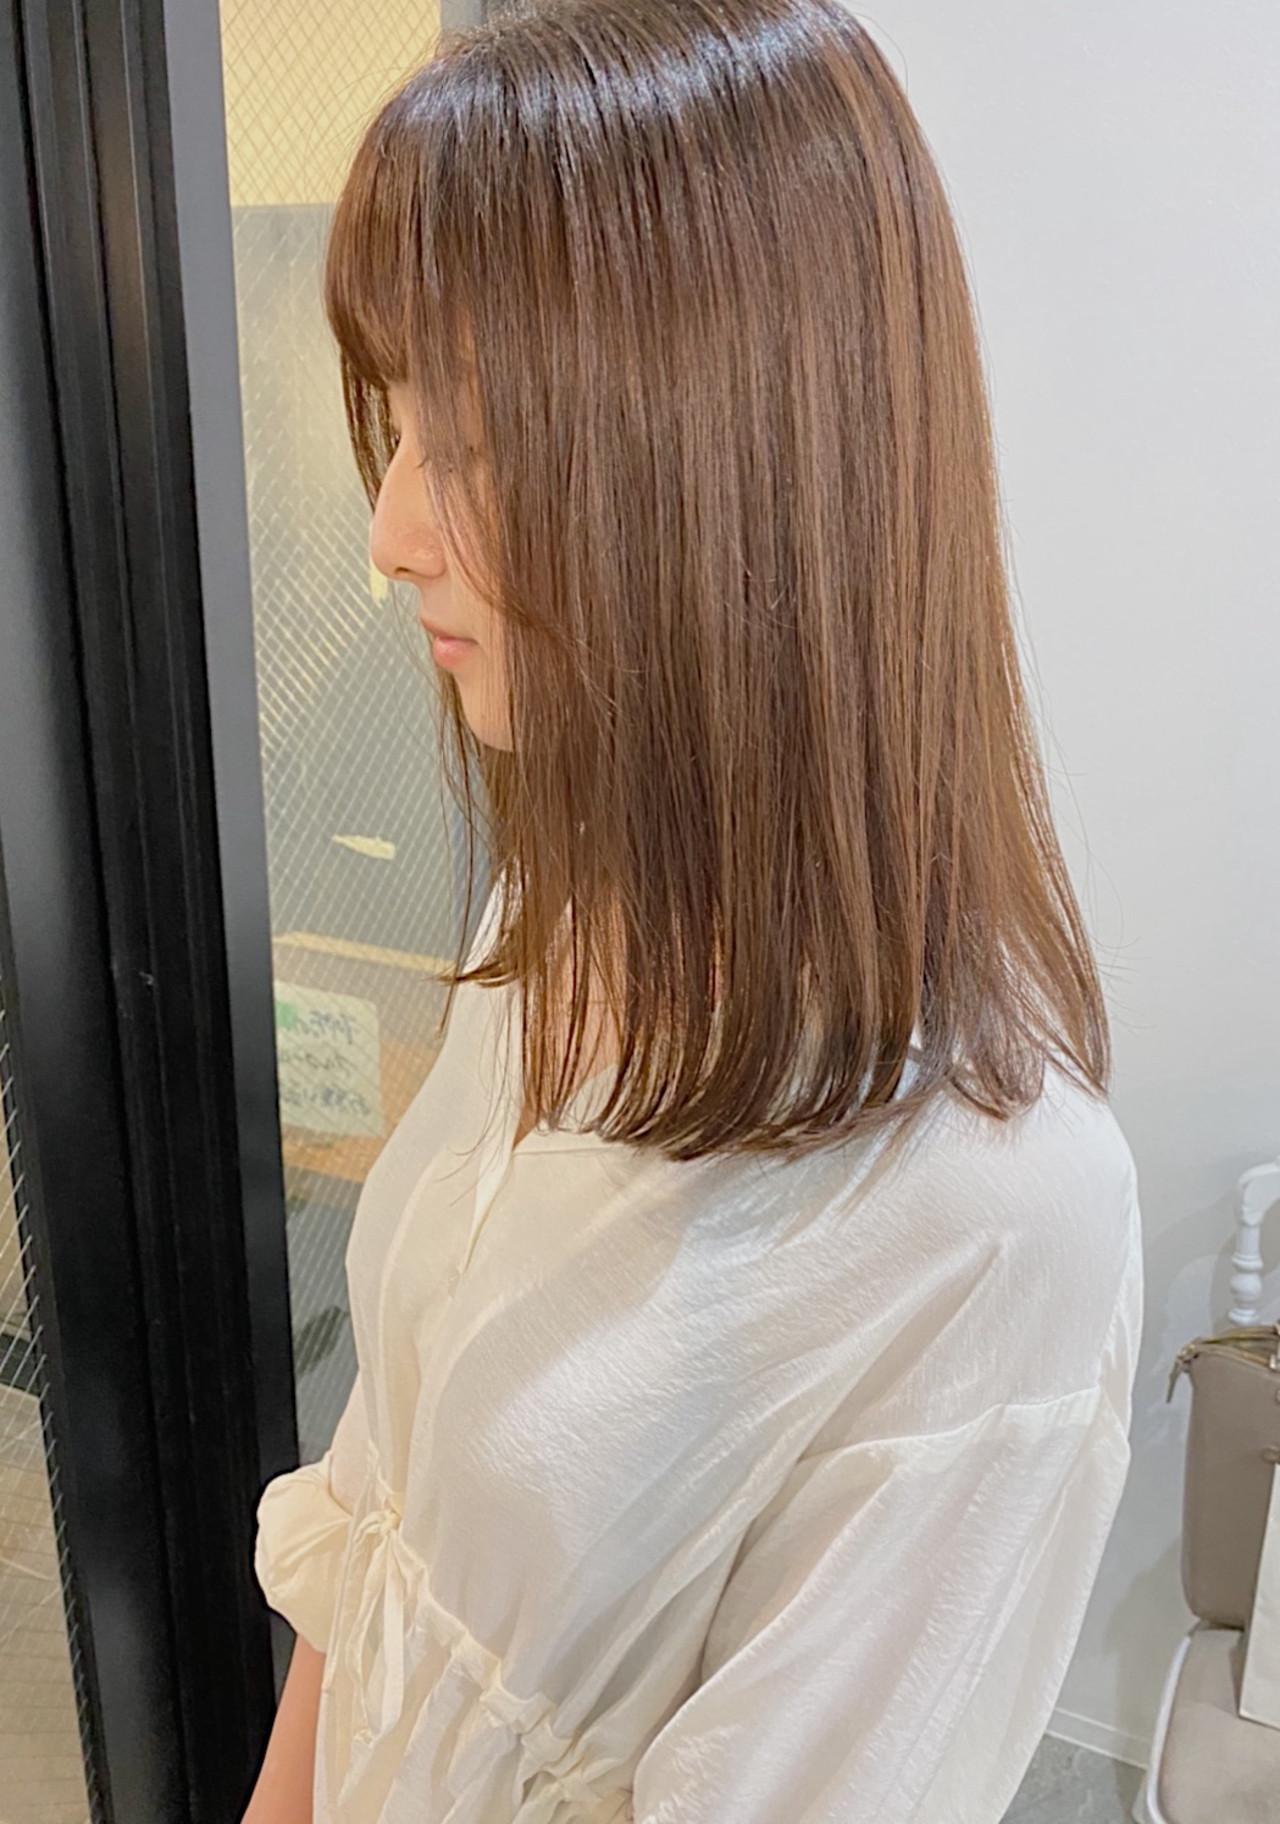 縮毛矯正 ナチュラル グレージュ ストレート ヘアスタイルや髪型の写真・画像